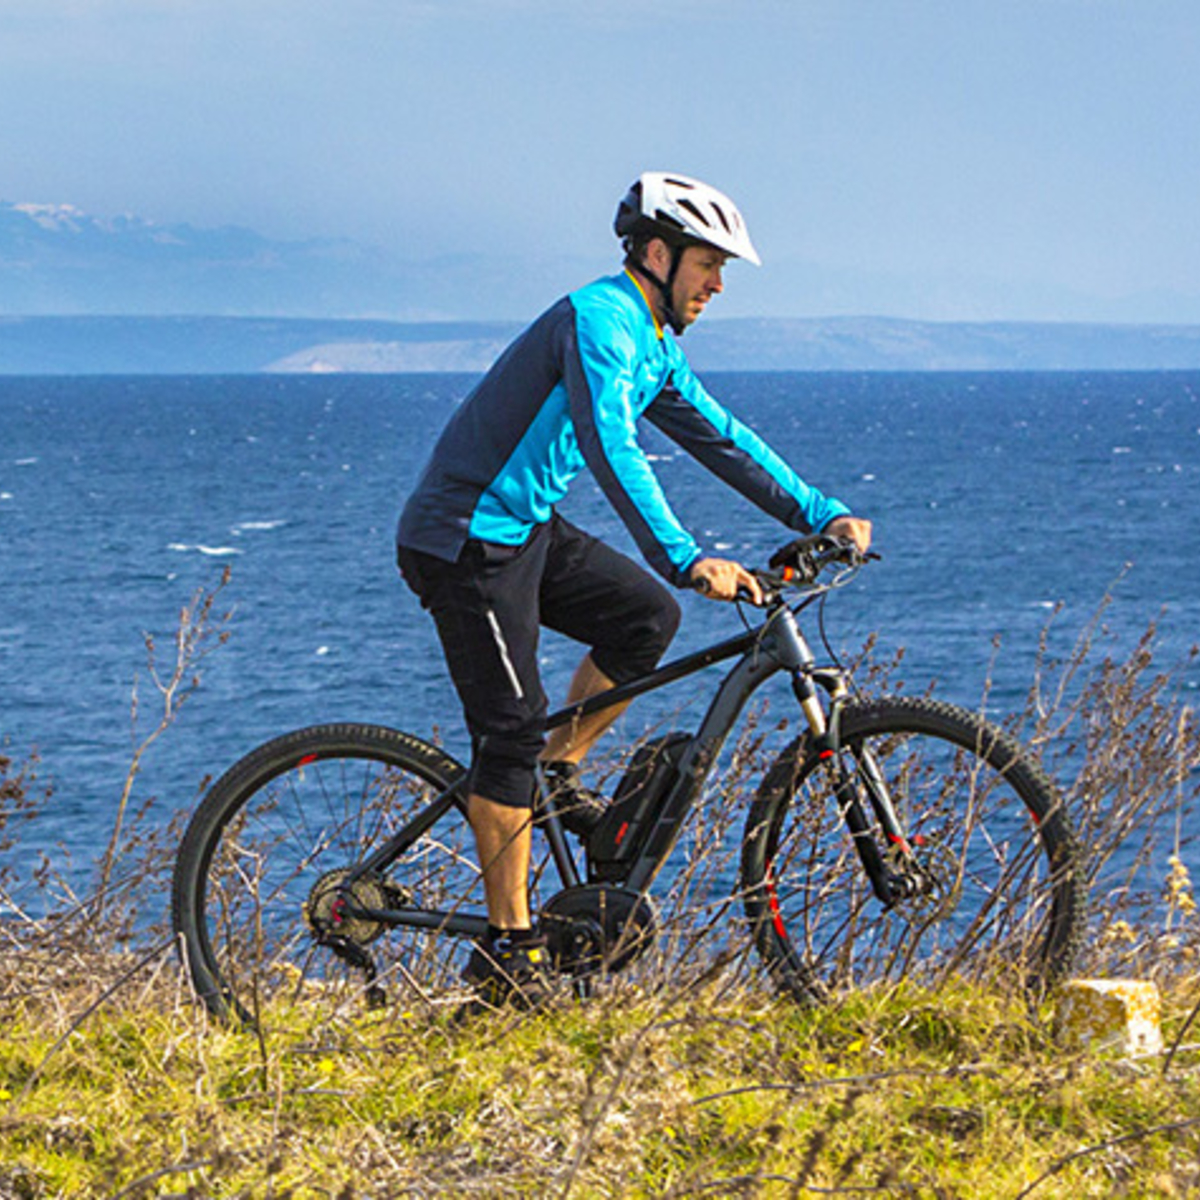 bbf084e305d704 Regeln für E-Bike - Ausland tickt anders - TCS Schweiz